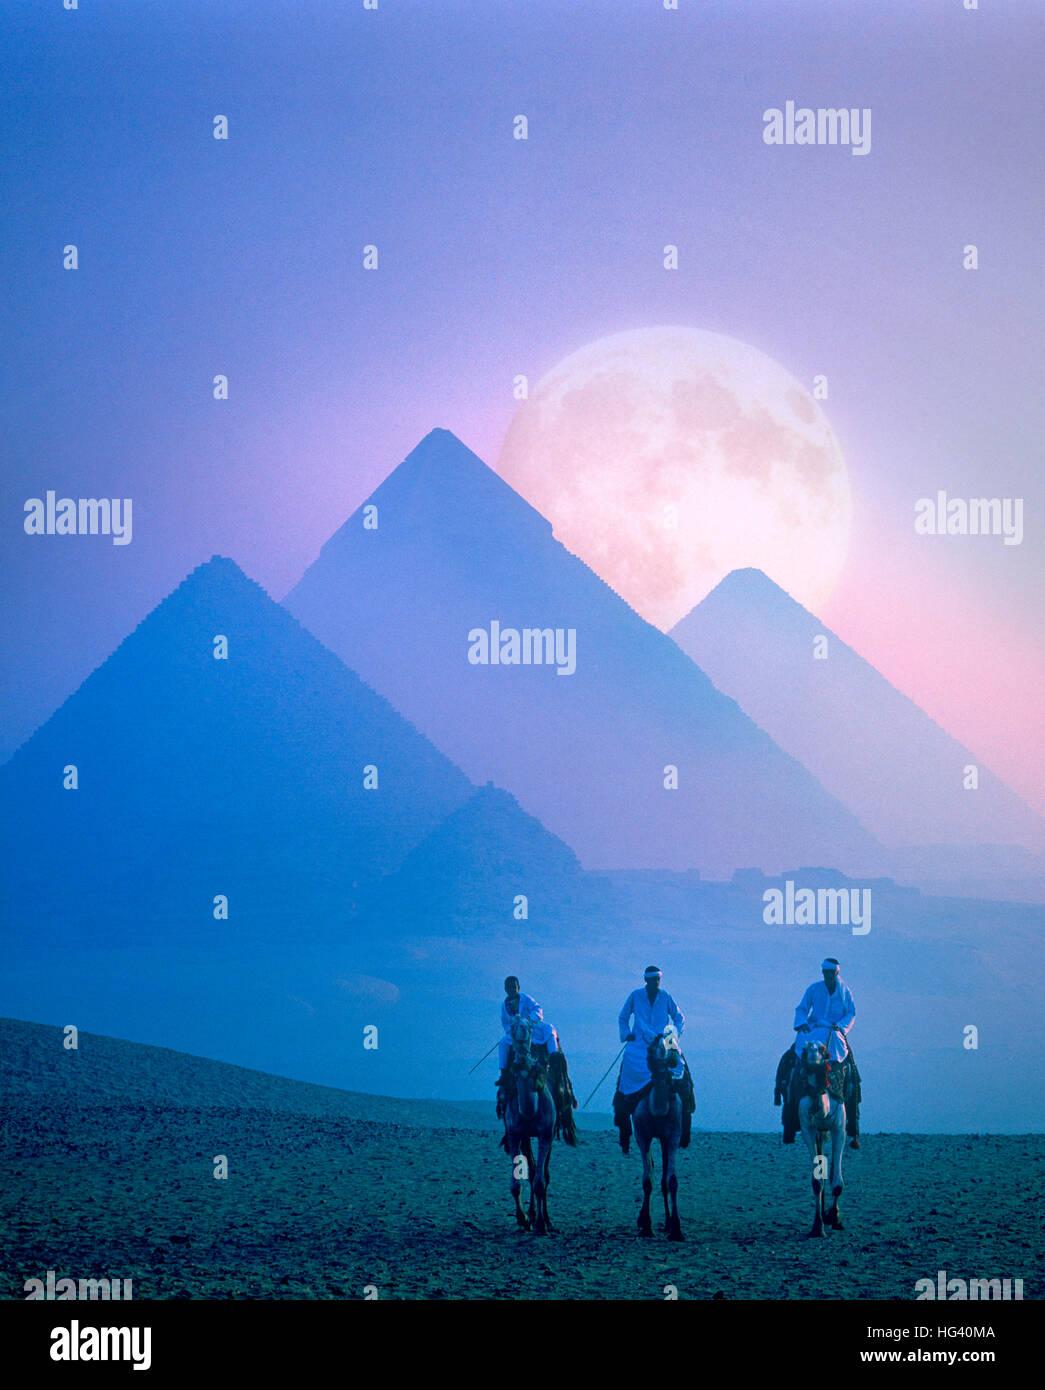 Pleine lune derrière les pyramides au crépuscule, Giza, Le Caire, Egypte Photo Stock